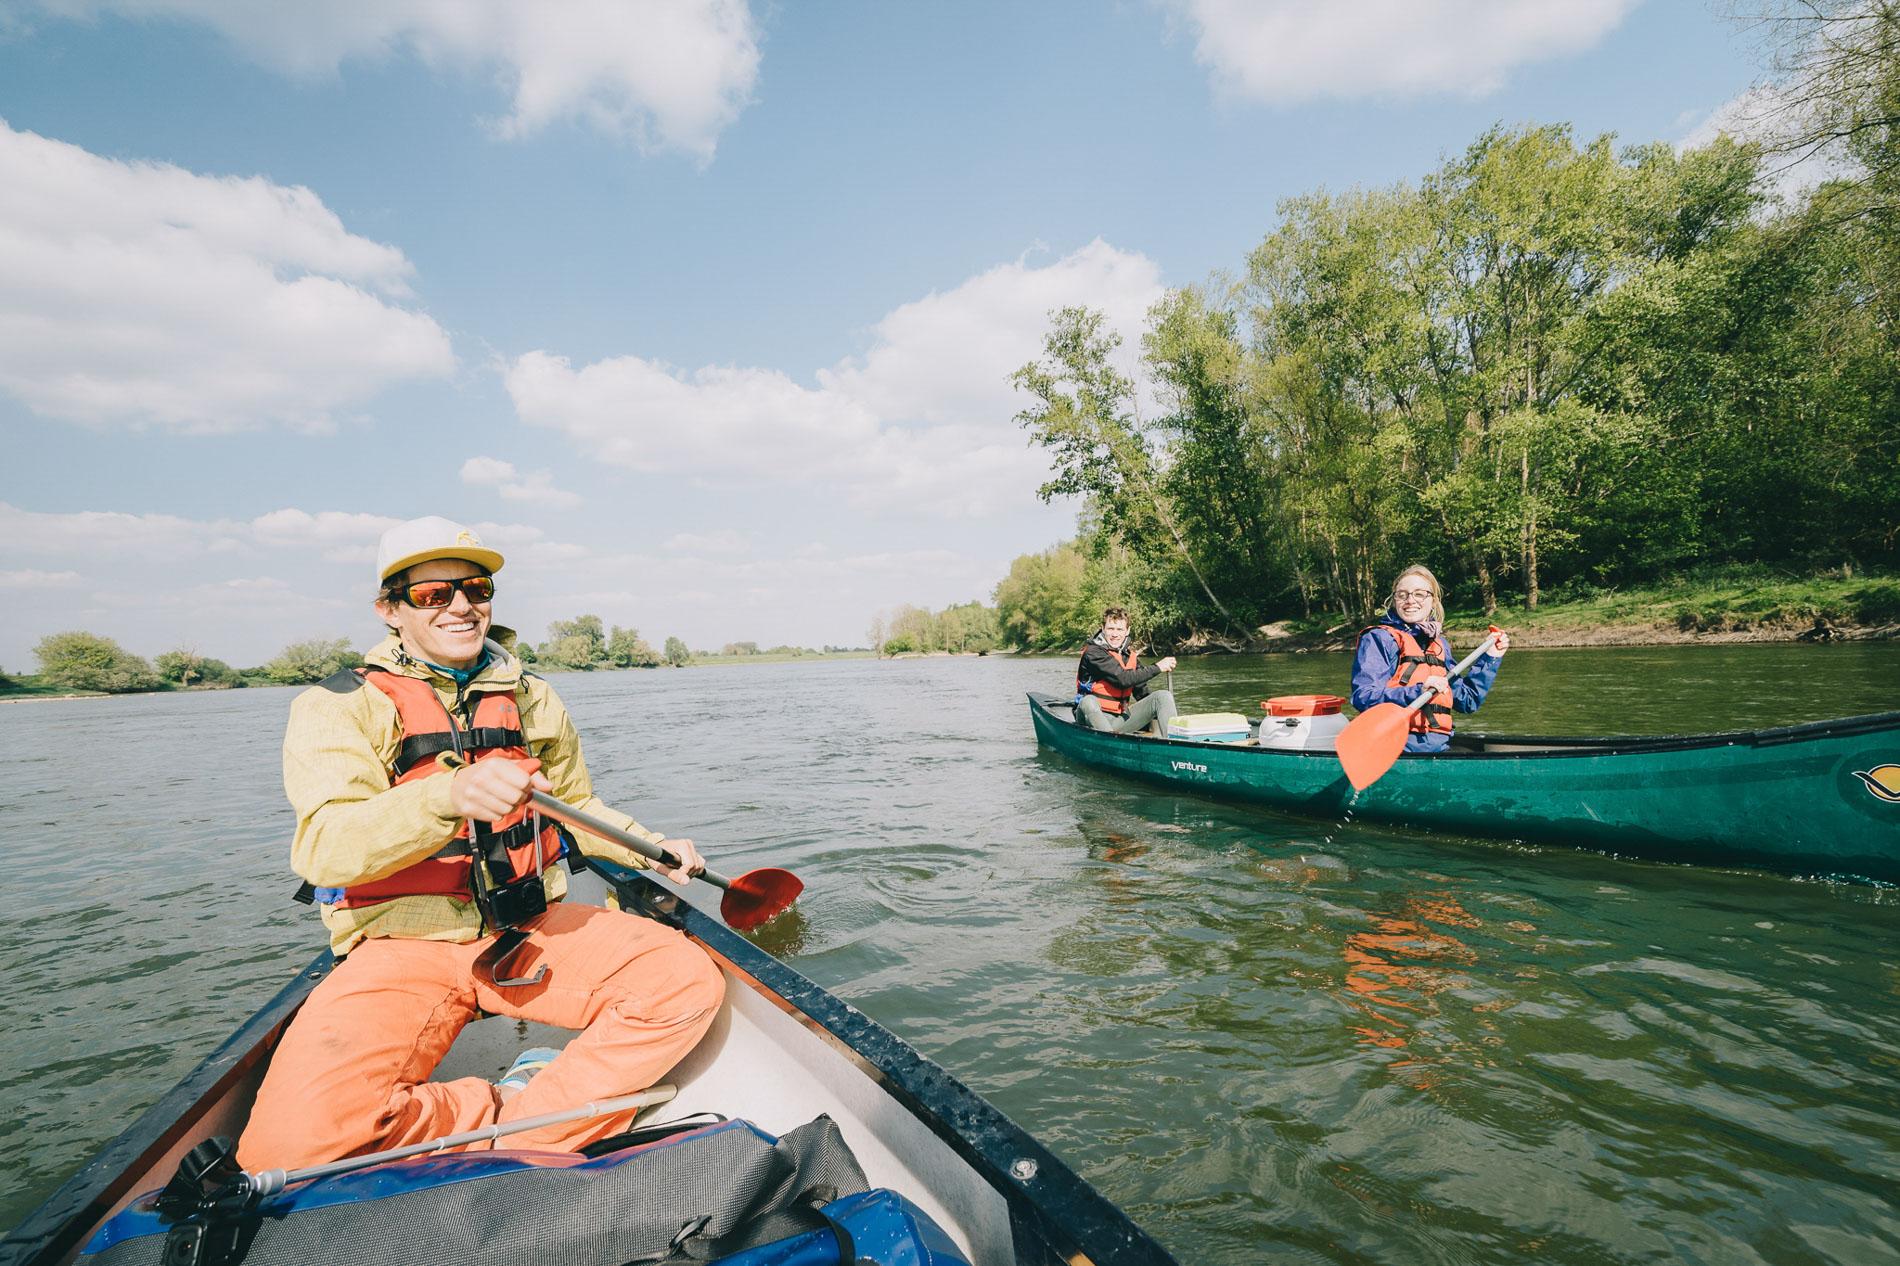 2017-04-19-canoe-bivouac-loire-15.jpg